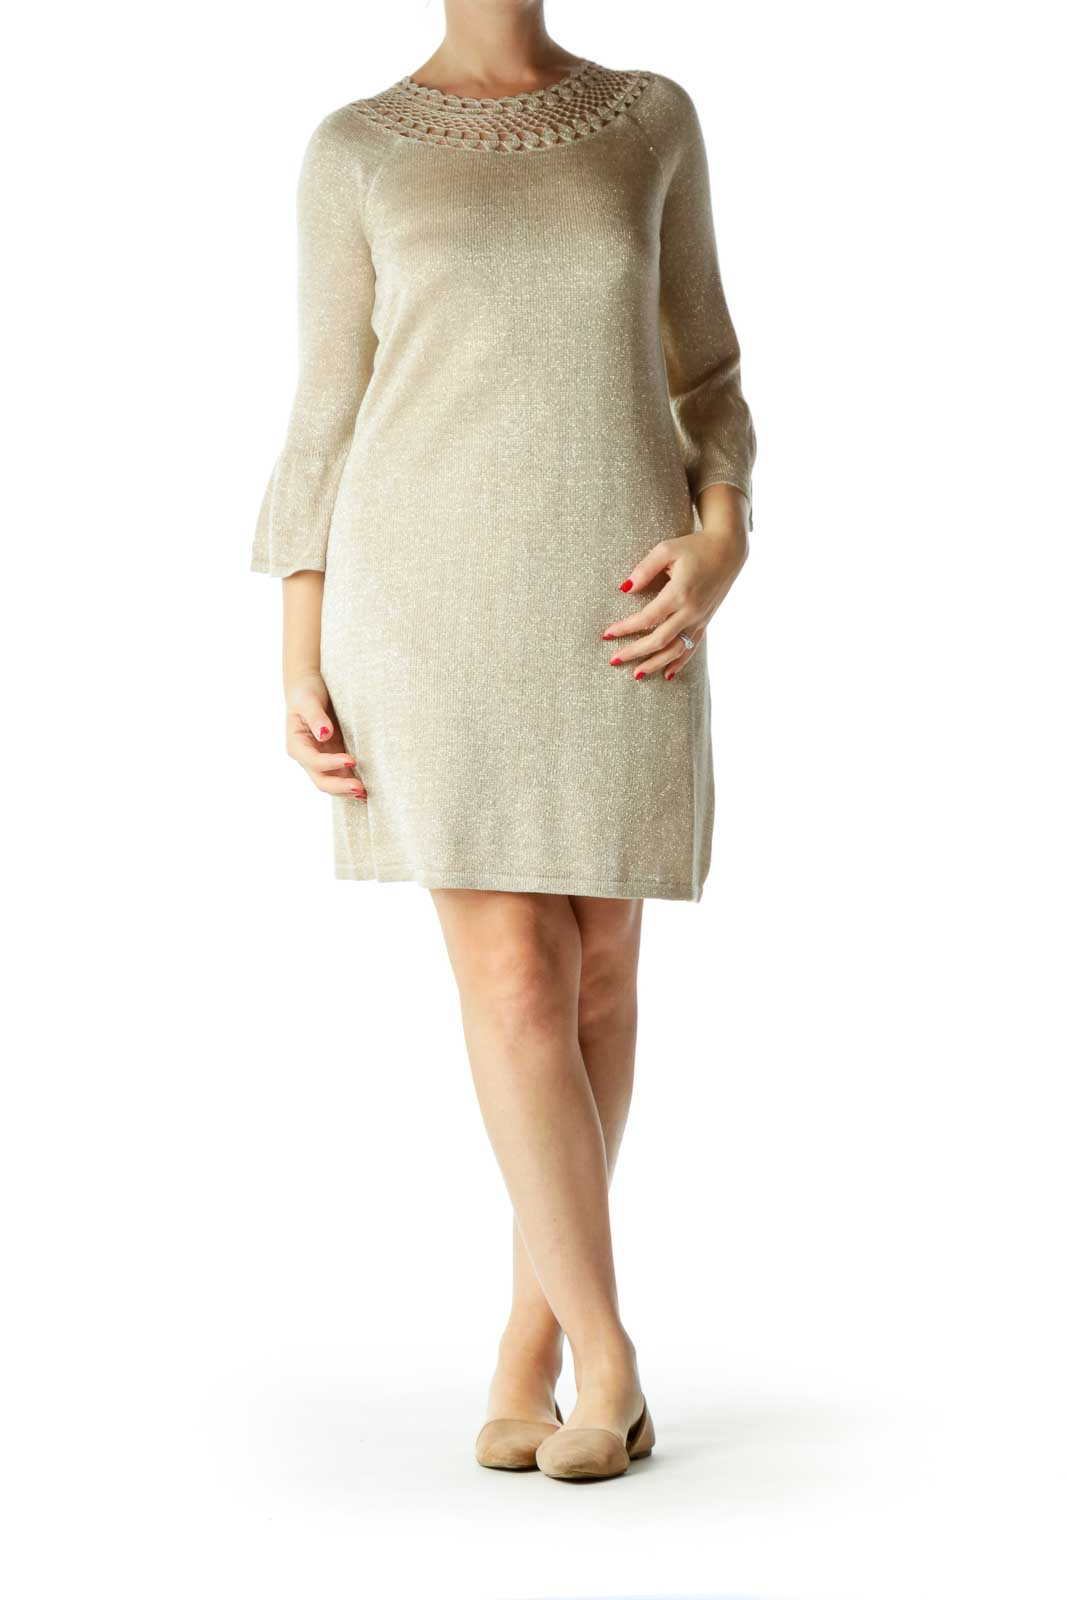 Beige Metallic Bell-Sleeves Knit Dress